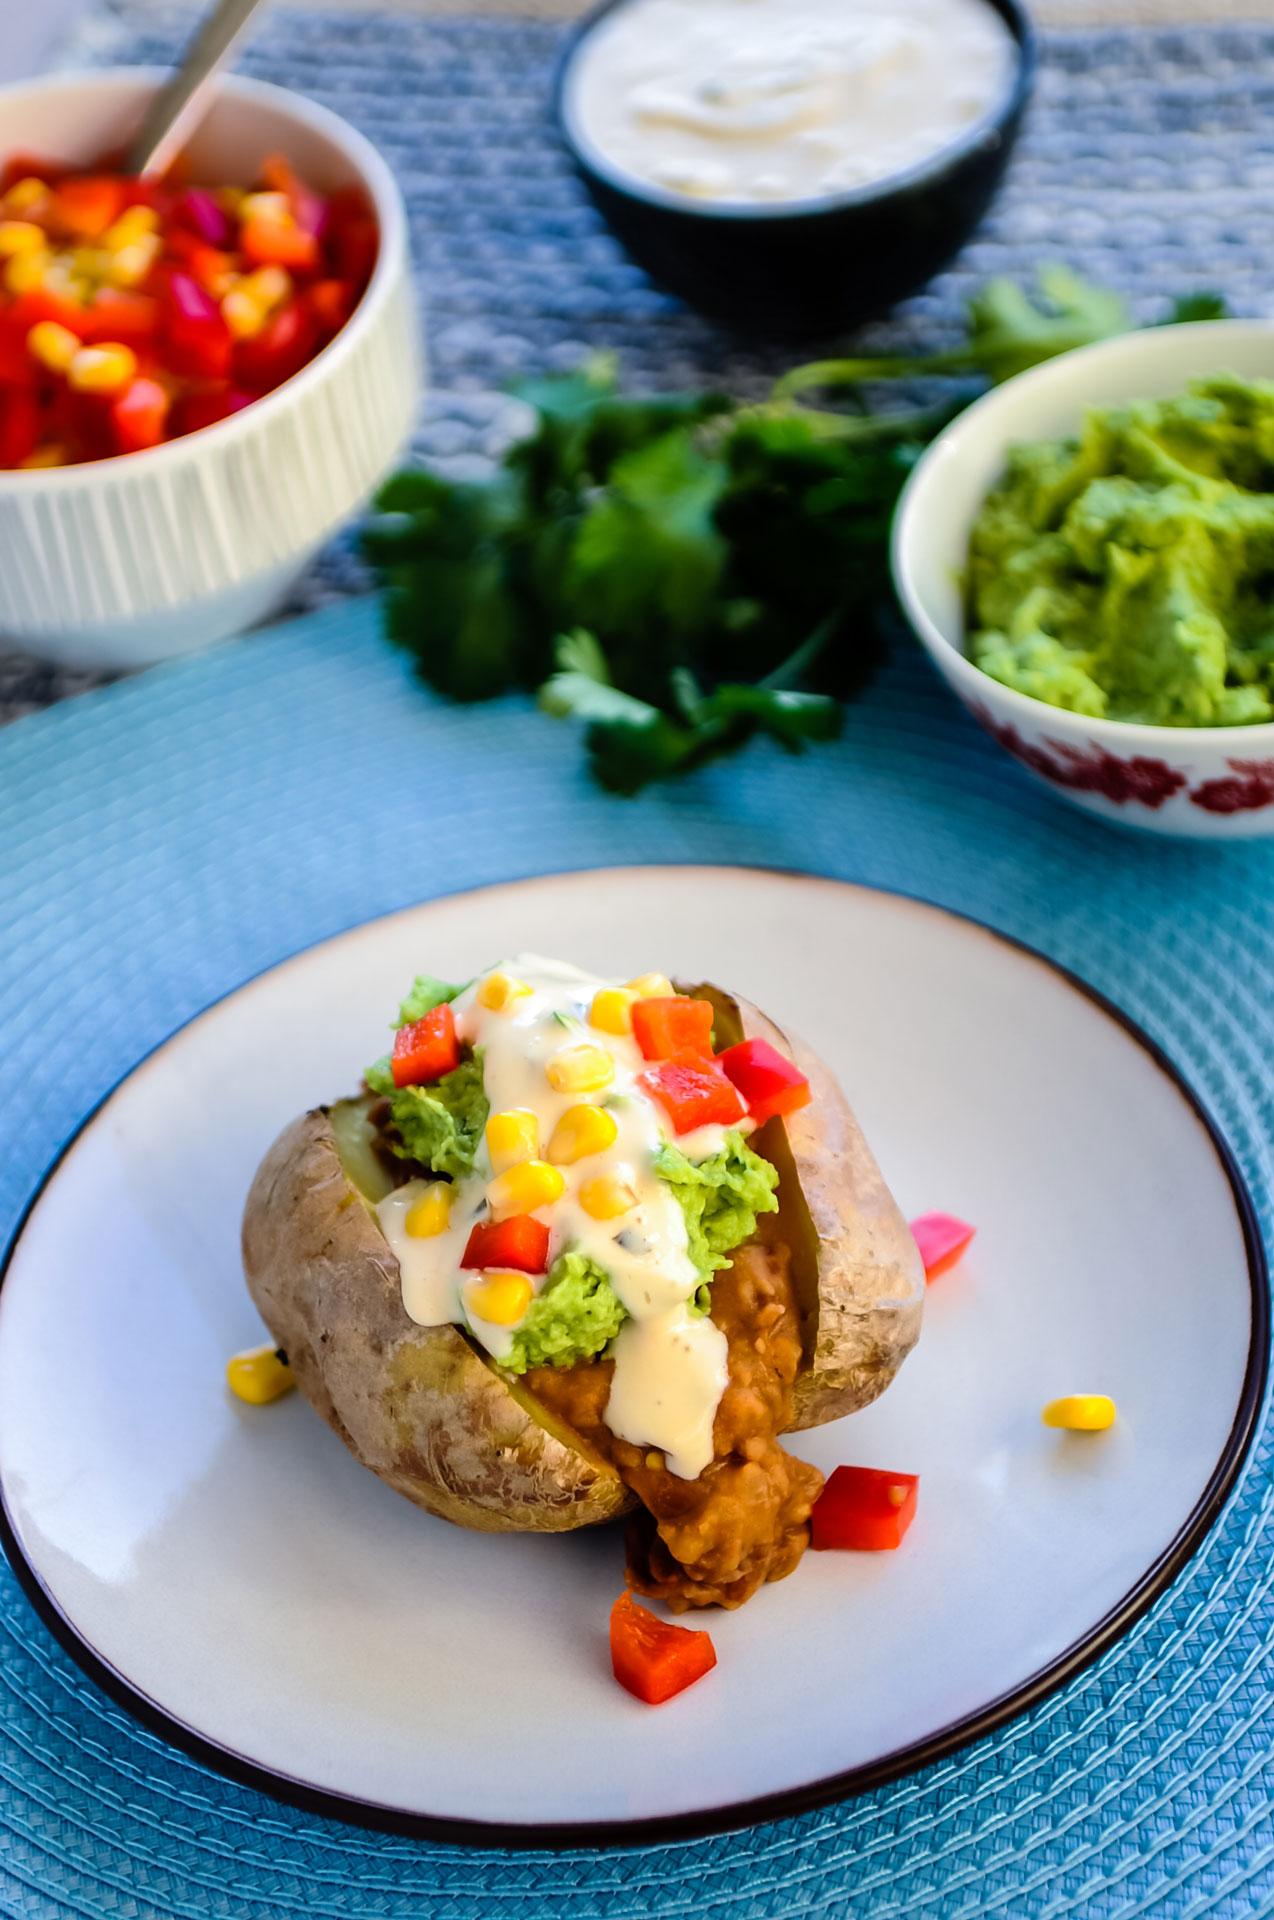 Gepofte Aardappel Mexican Style met 'Sour Cream' & Salsa 2